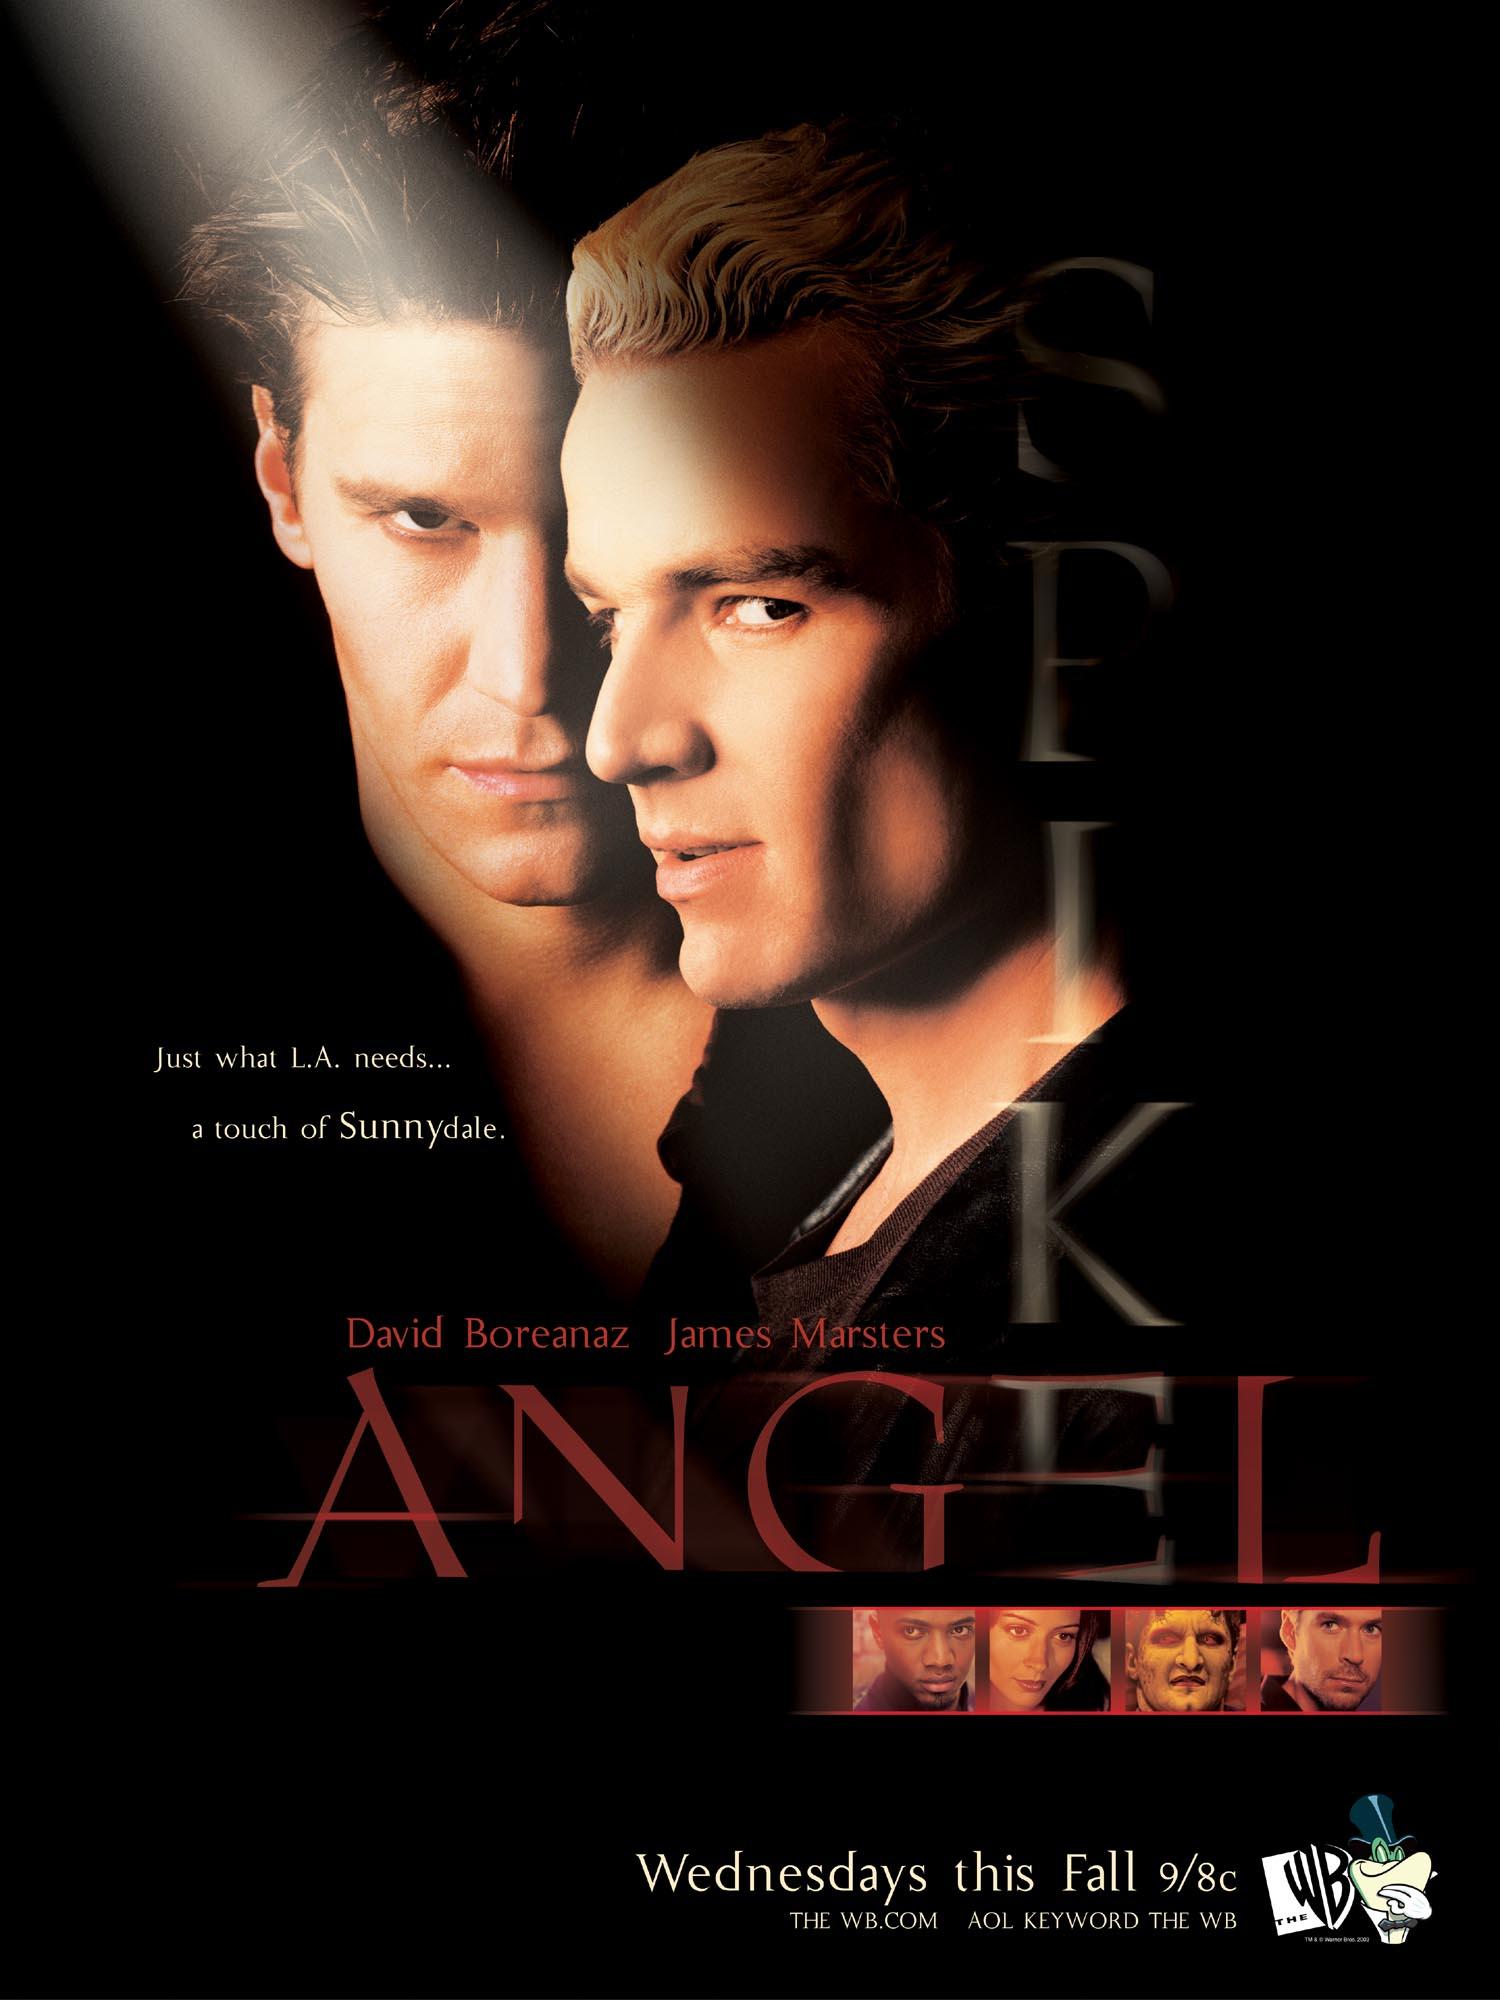 смотреть мультфильм друзья ангелов 1 сезон смотреть